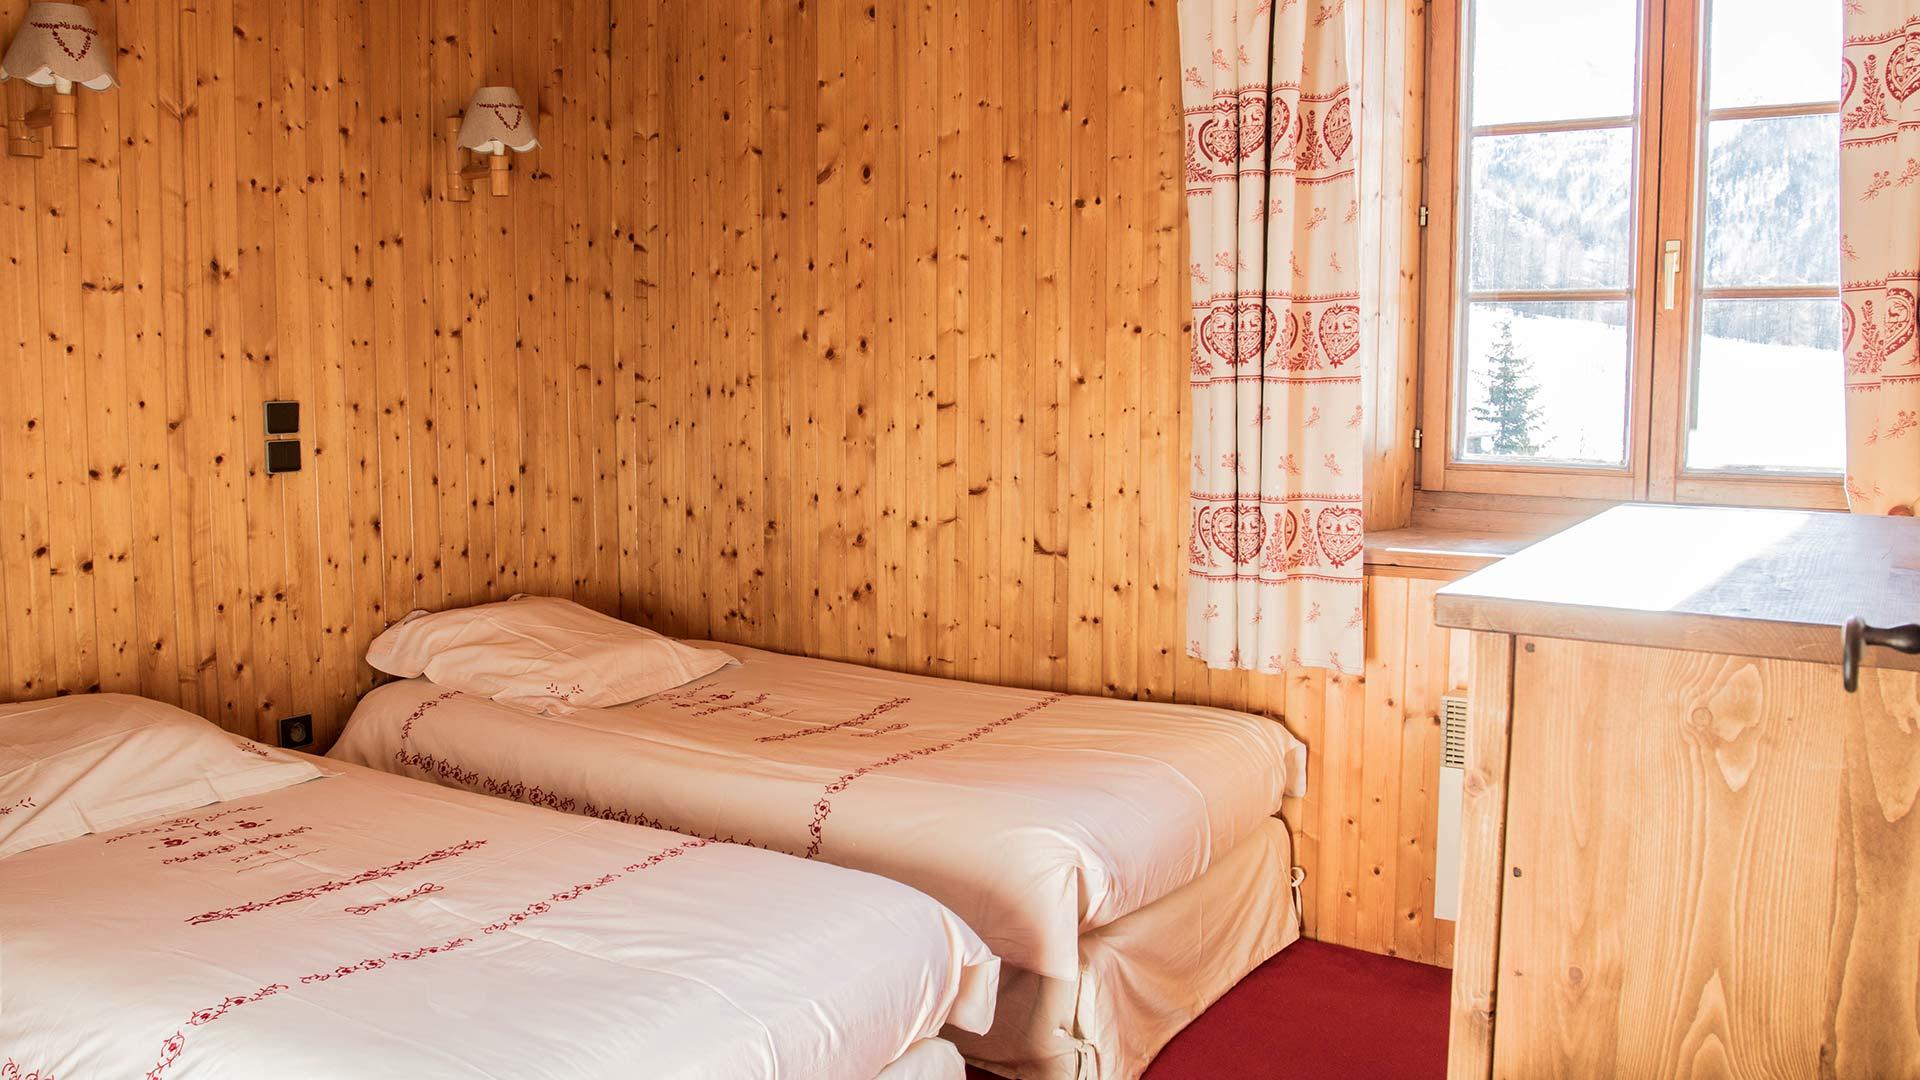 chavonnes-chambre-2-lits-simples